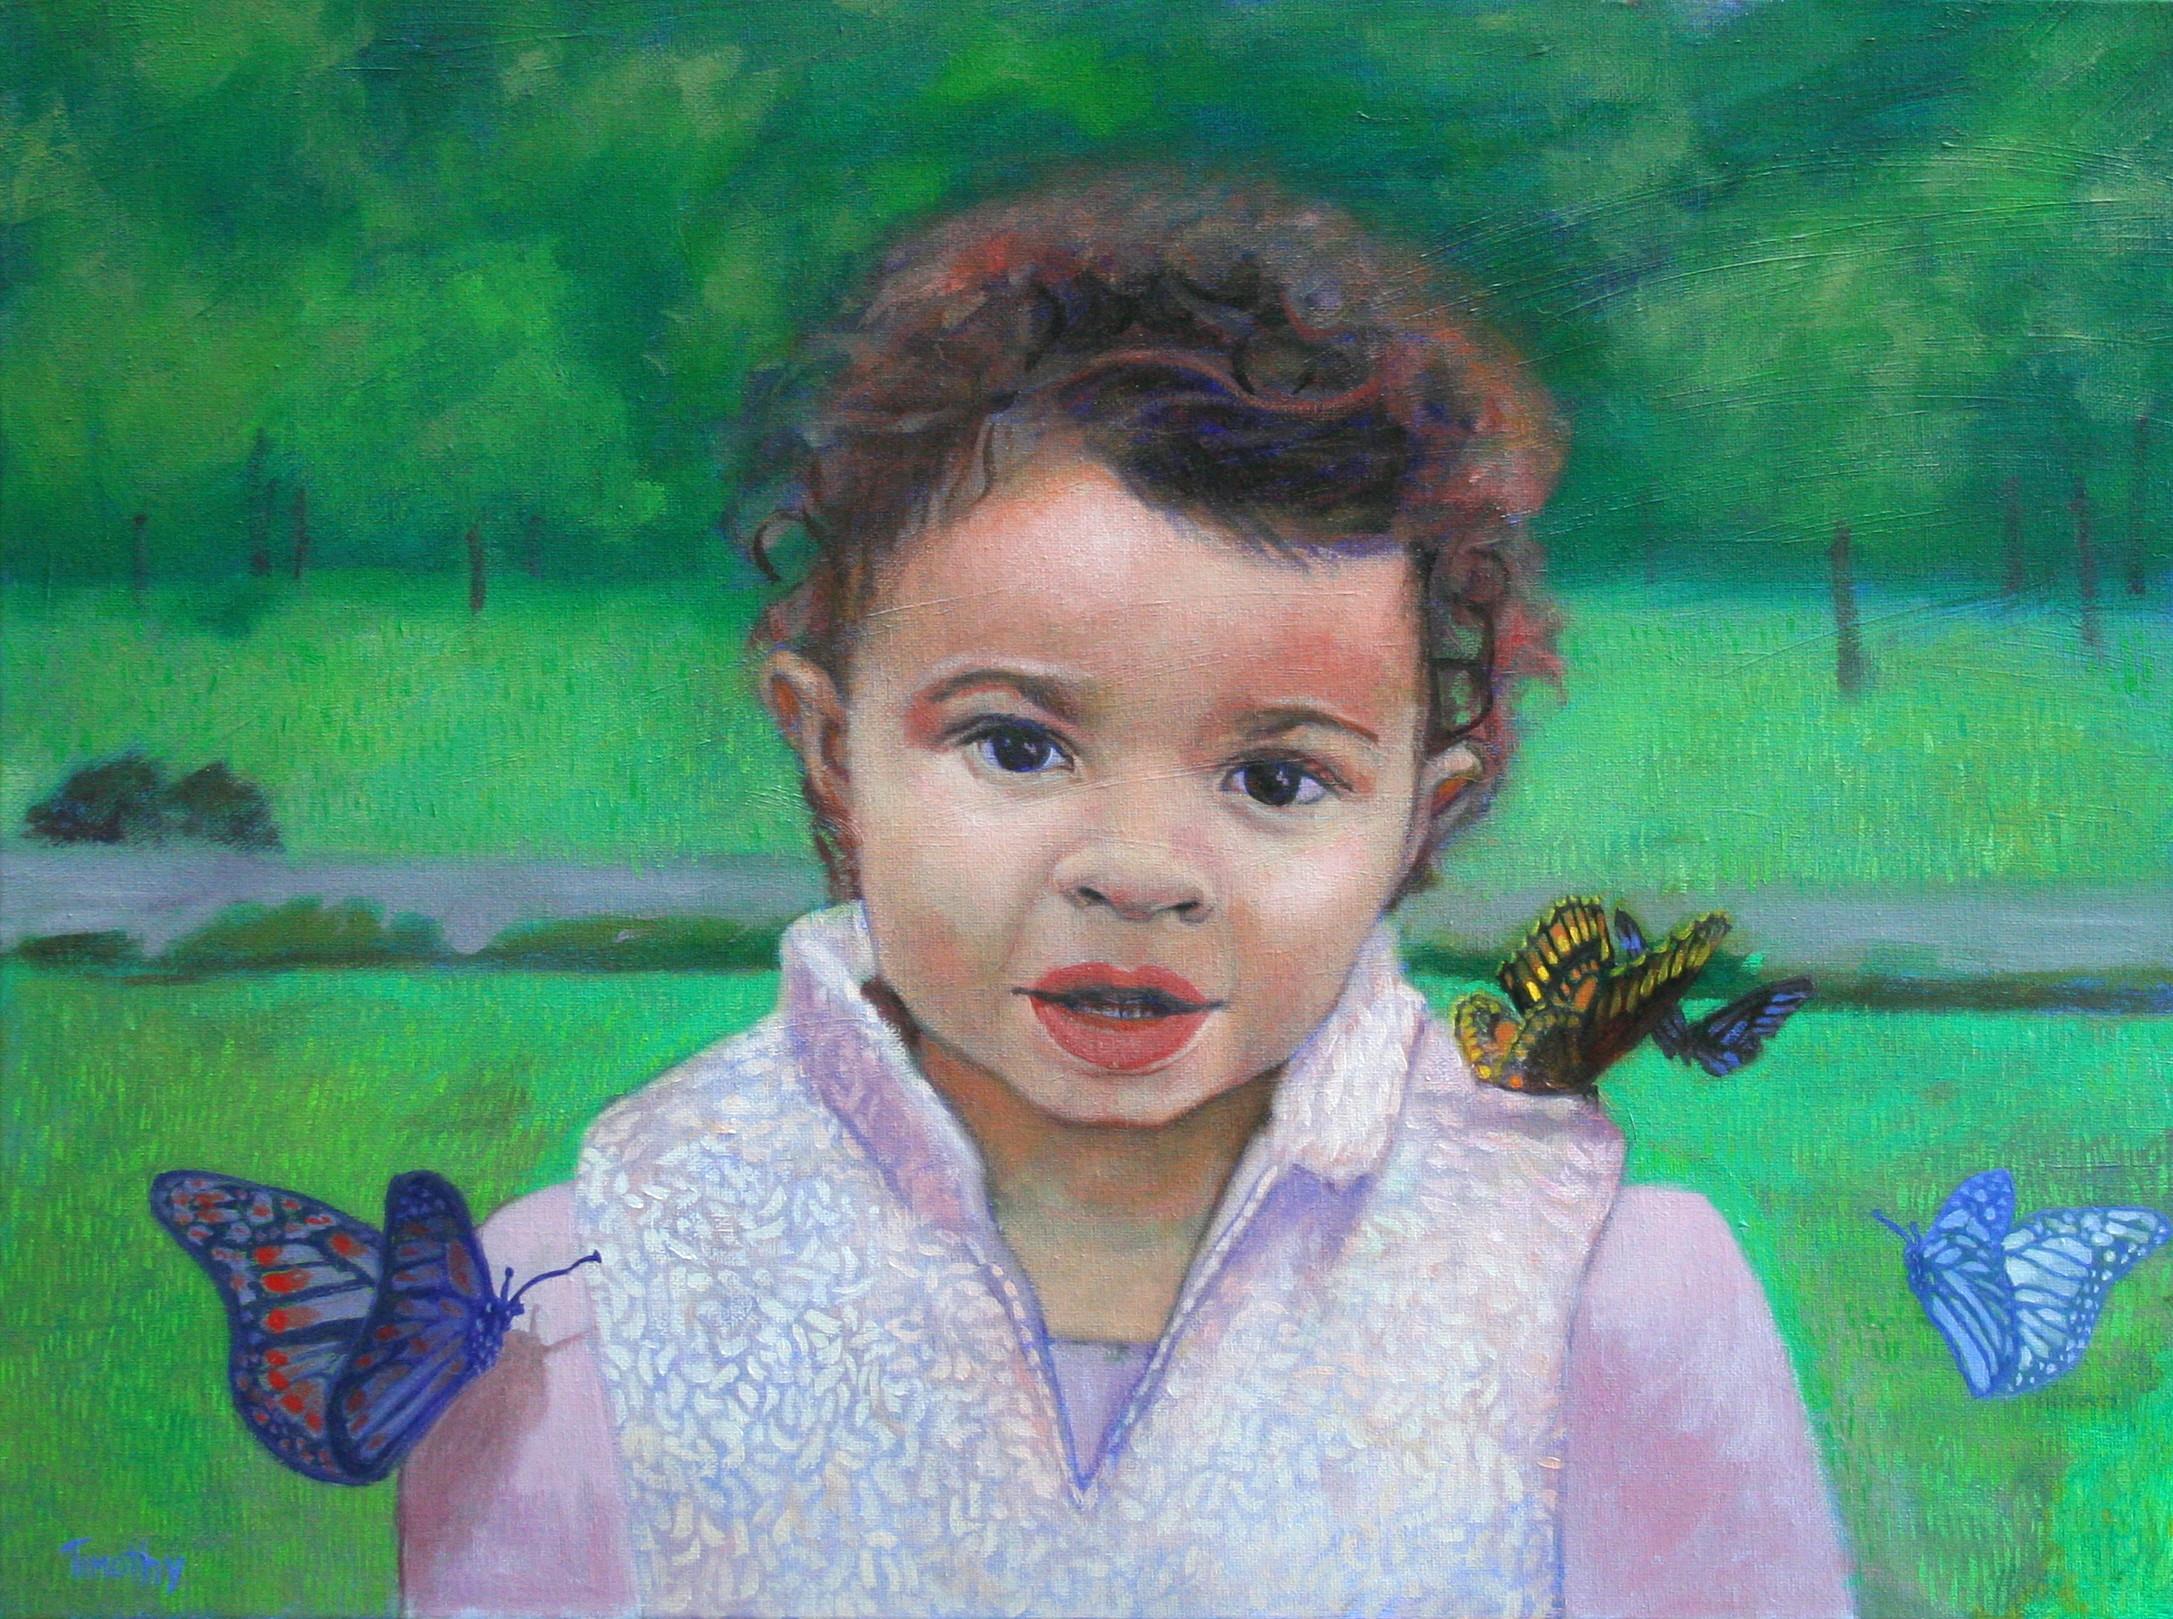 Kyra Spraggins - my Niece's daughter.